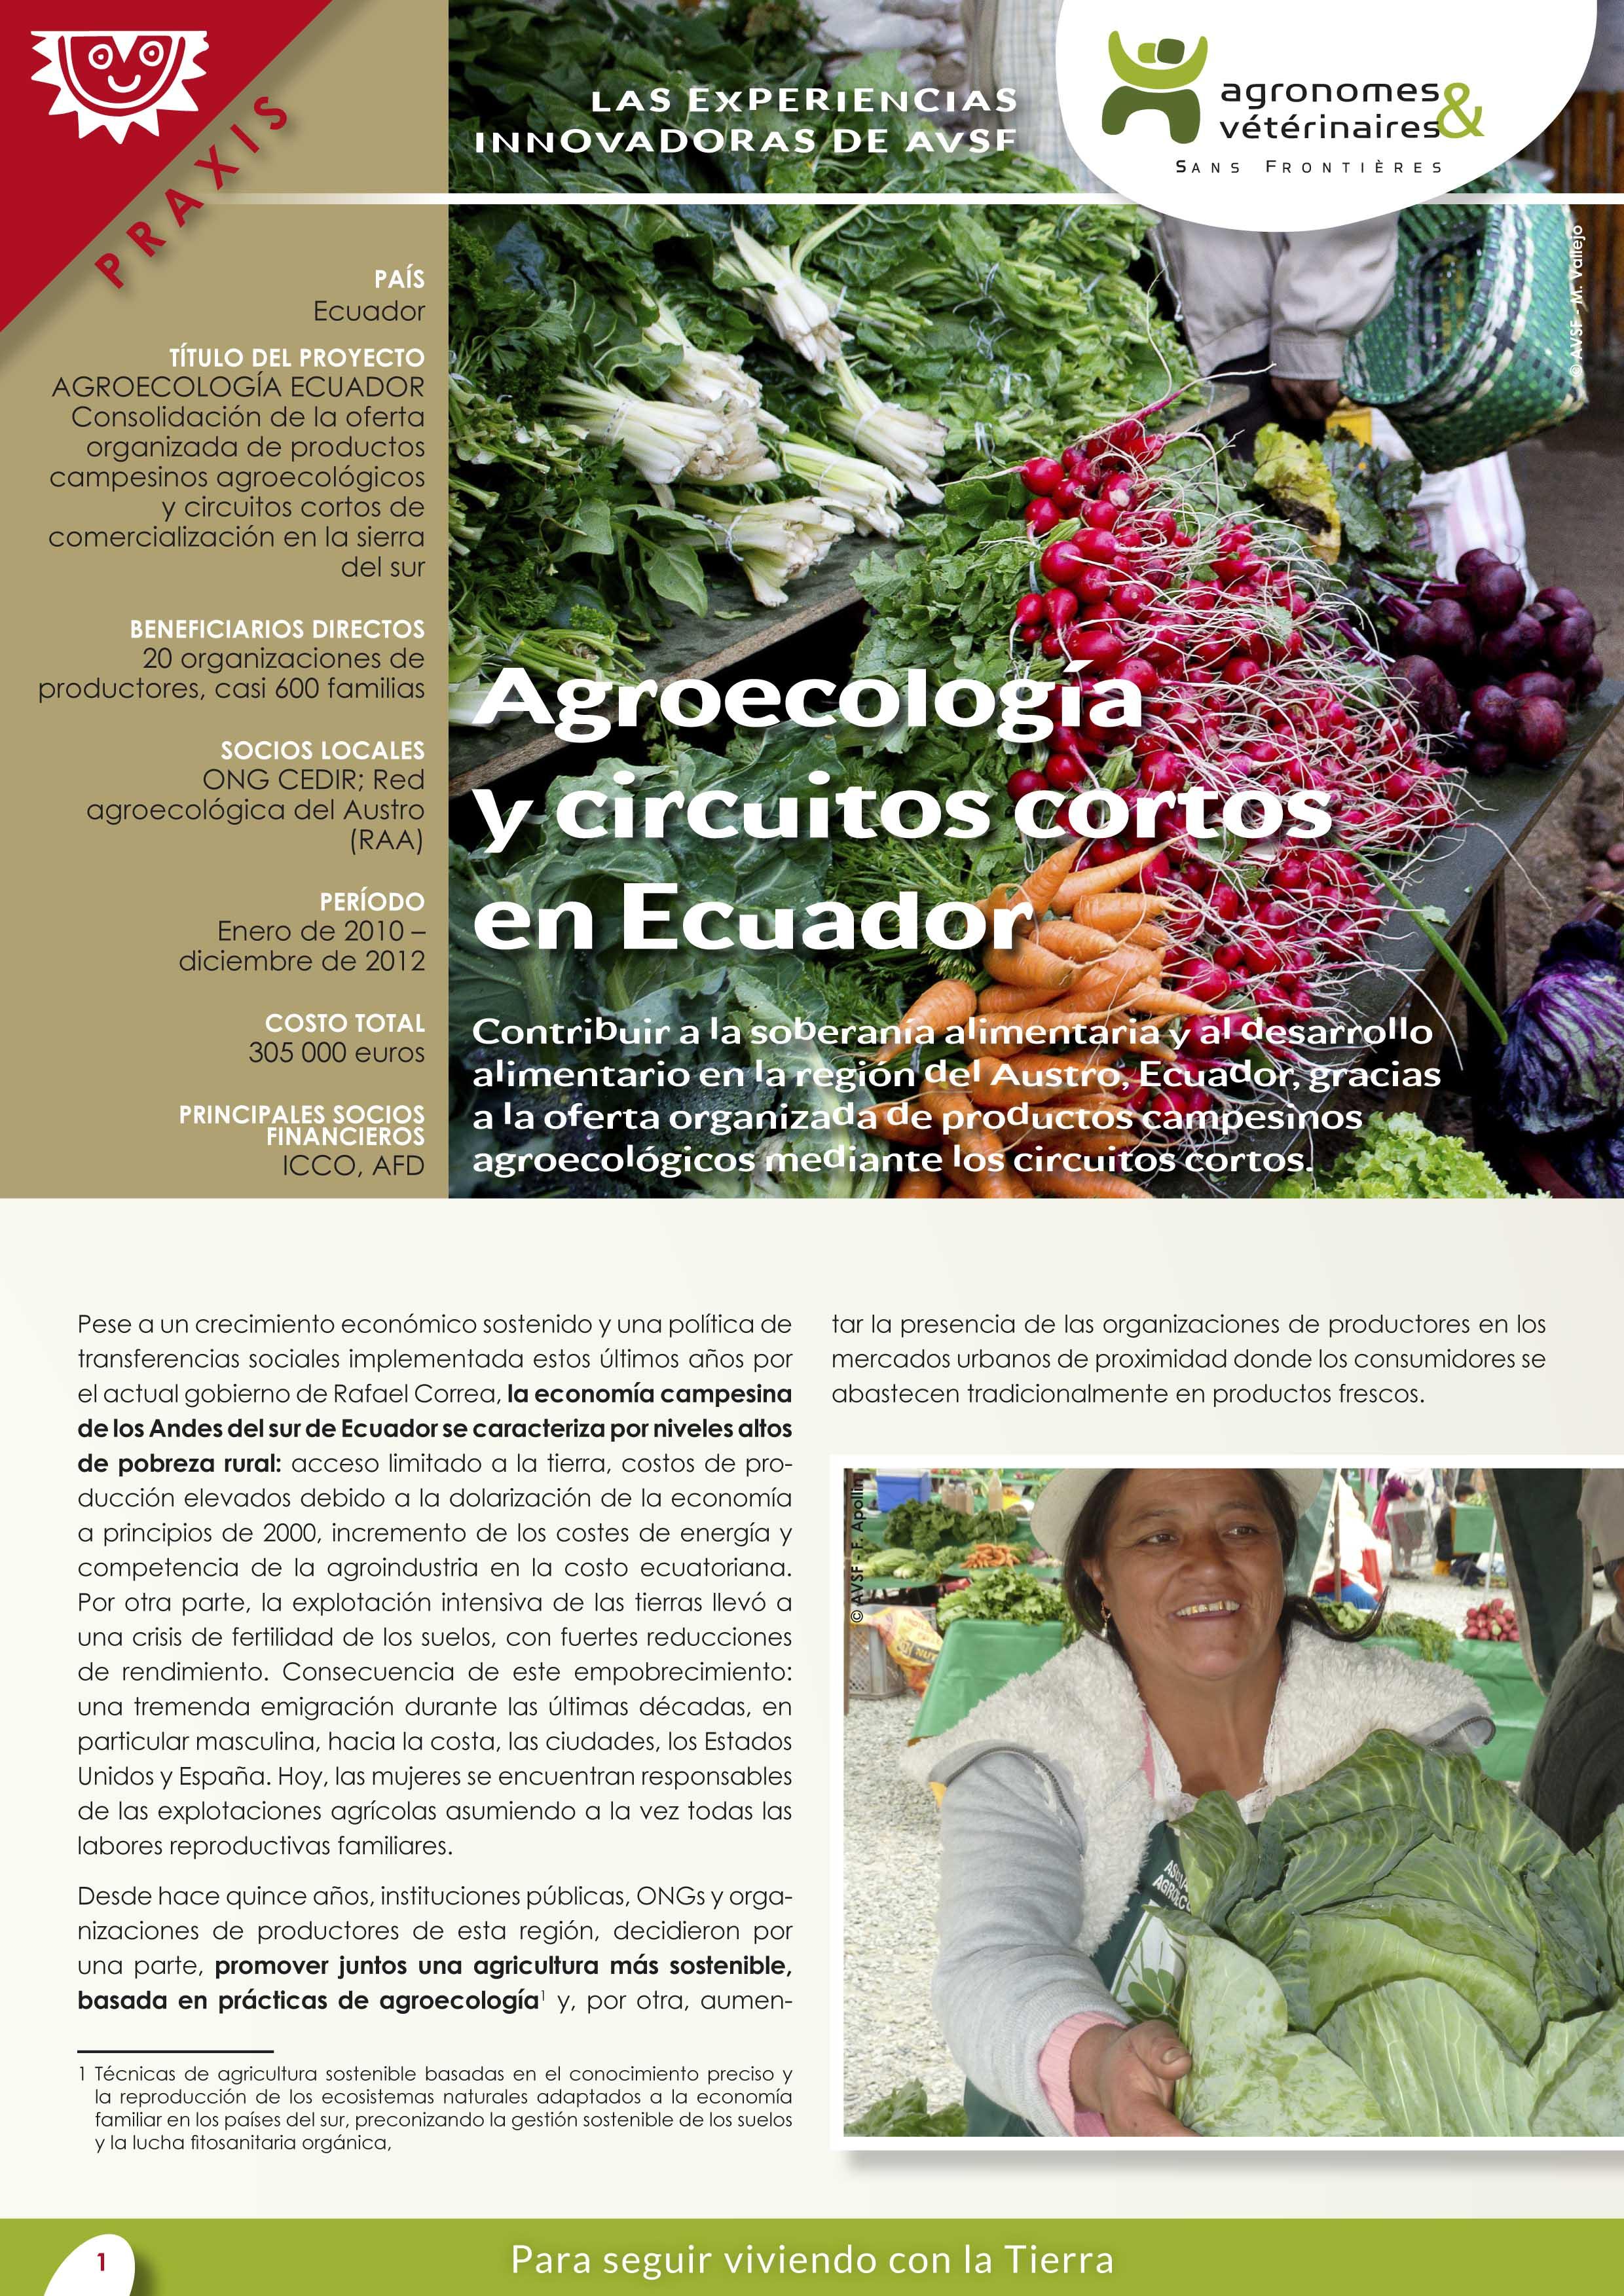 Las experiencias innovadoras de AVSF : Agroecología y circuitos cortos en Ecuador Image principale